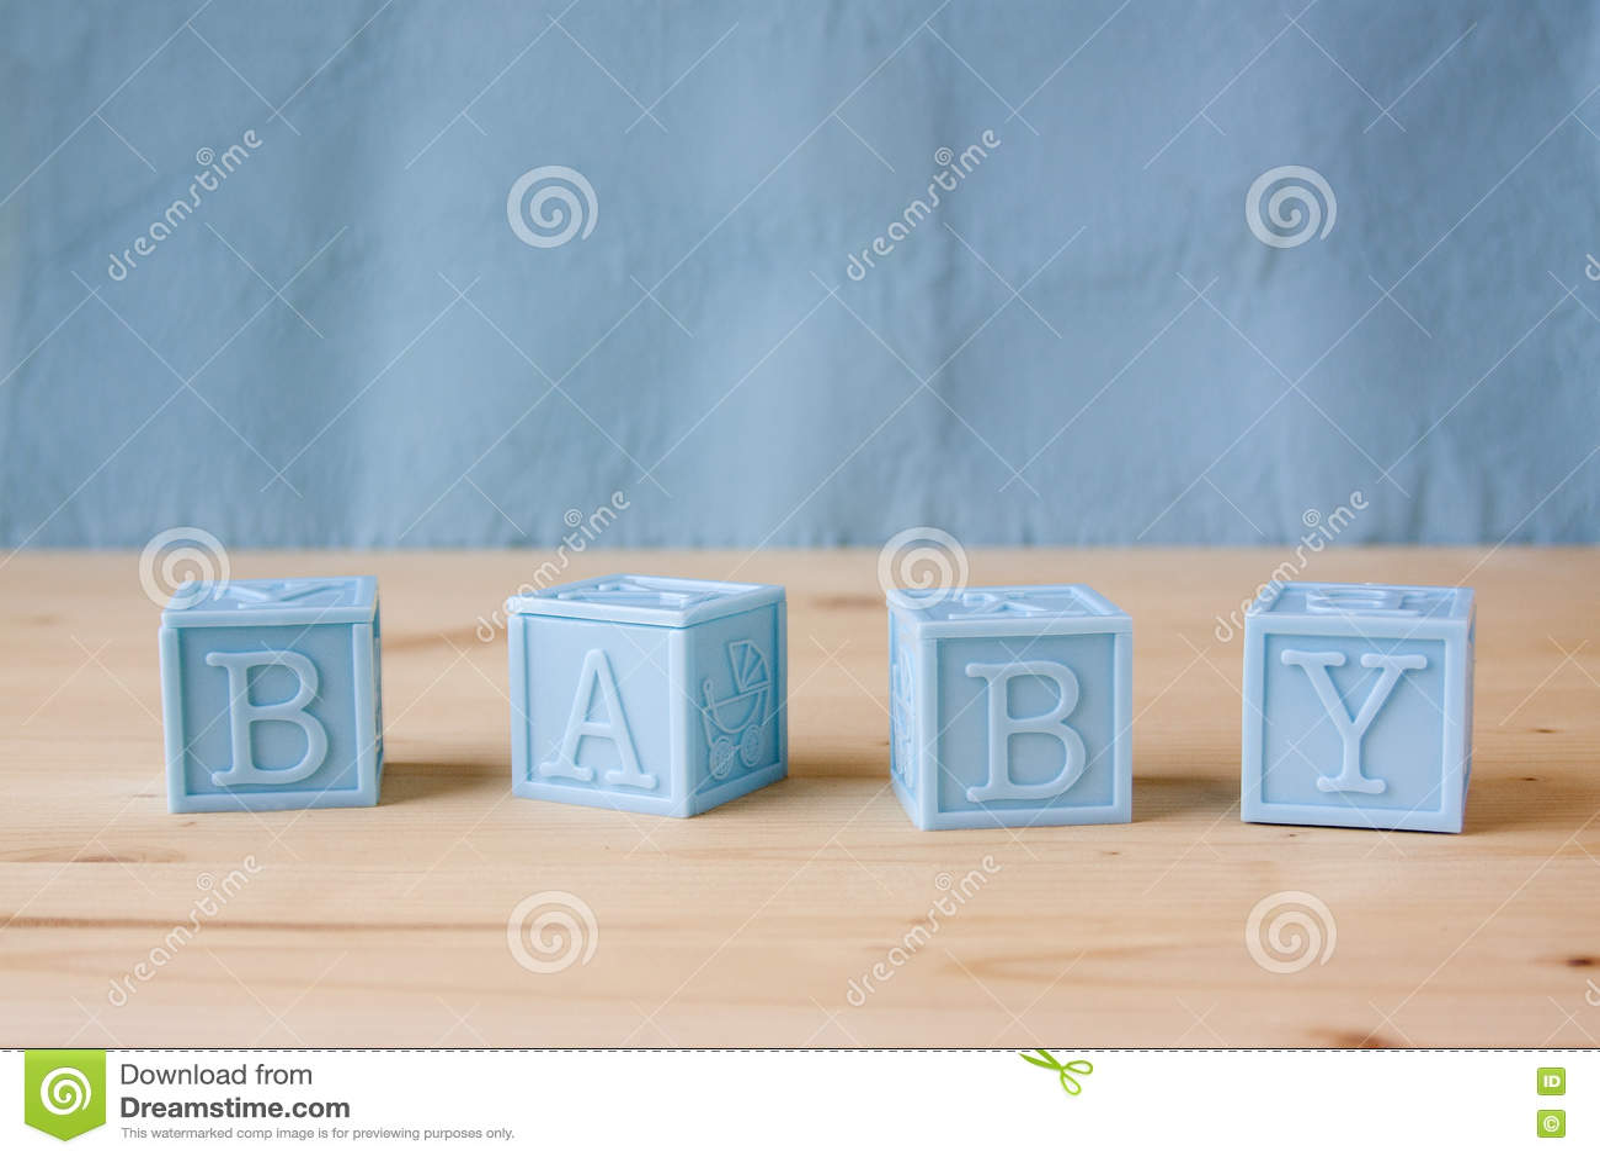 Blocs de bébé bleu